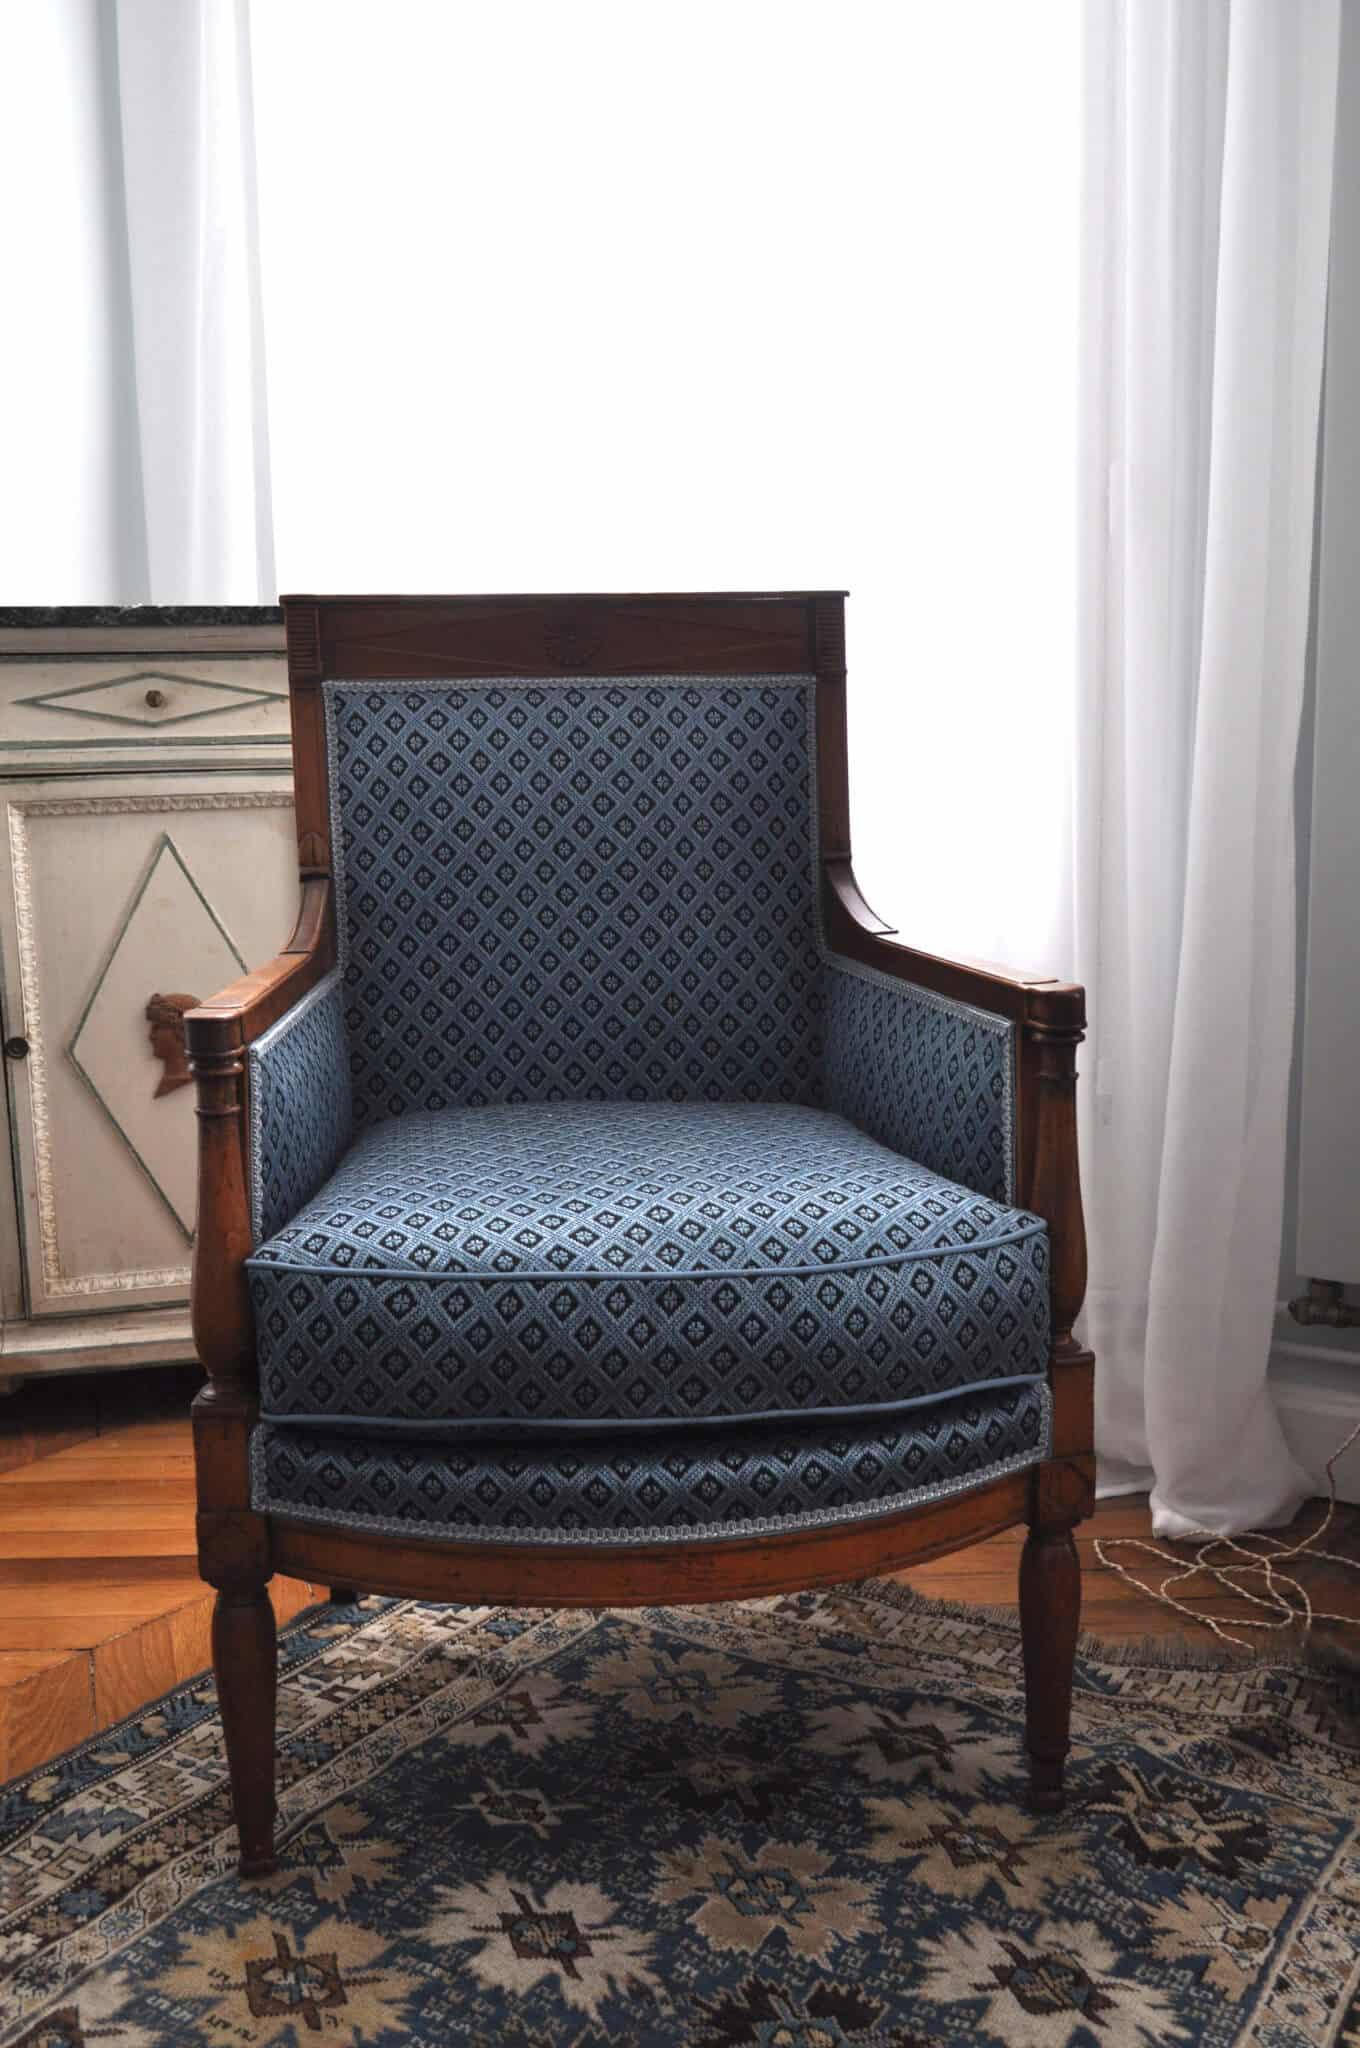 comment retapisser un fauteuil diy fauteuil retapiss mmaxine blog diy d co et lifestyle. Black Bedroom Furniture Sets. Home Design Ideas